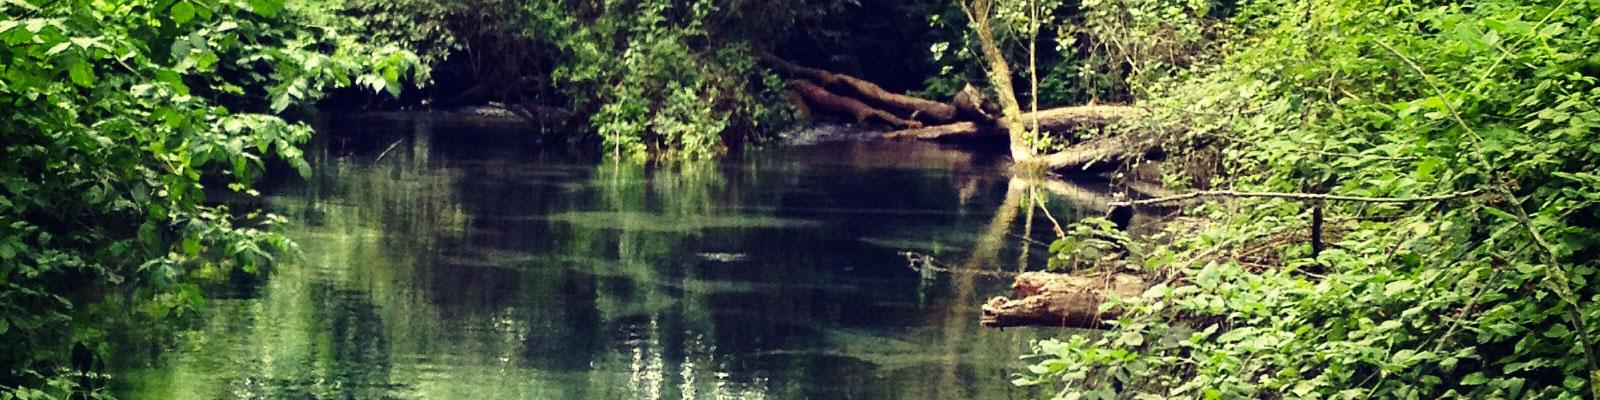 le-acque-e-gli-anfibi